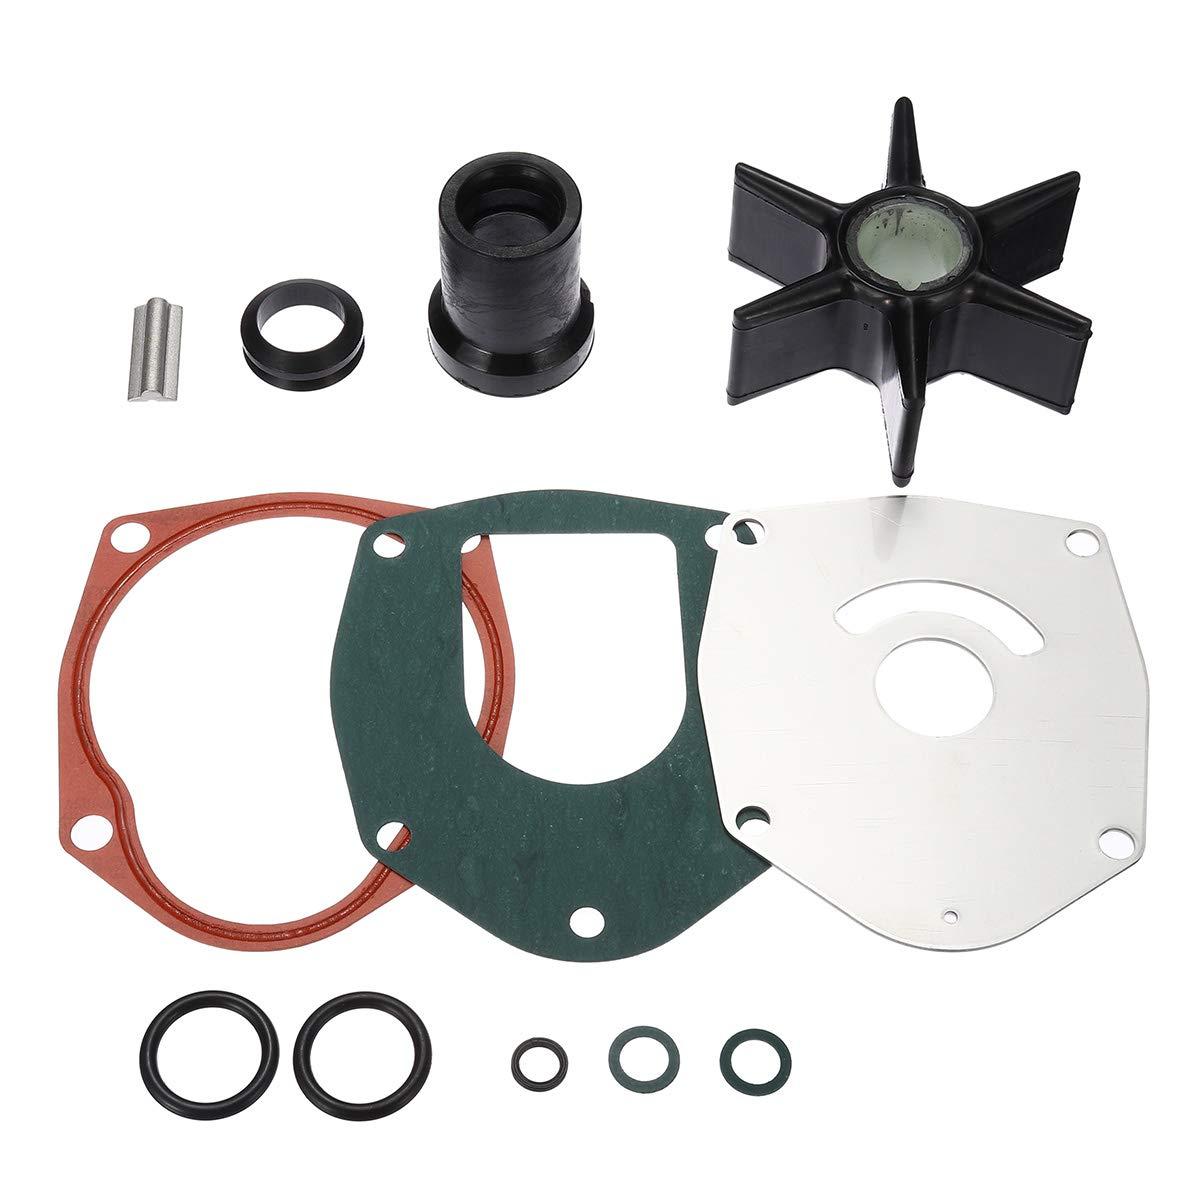 JenNiFer Water Pump Impeller Kit Replacement For Mercruiser Alpha One Gen 2 47-43026Q06 47-8M0100526